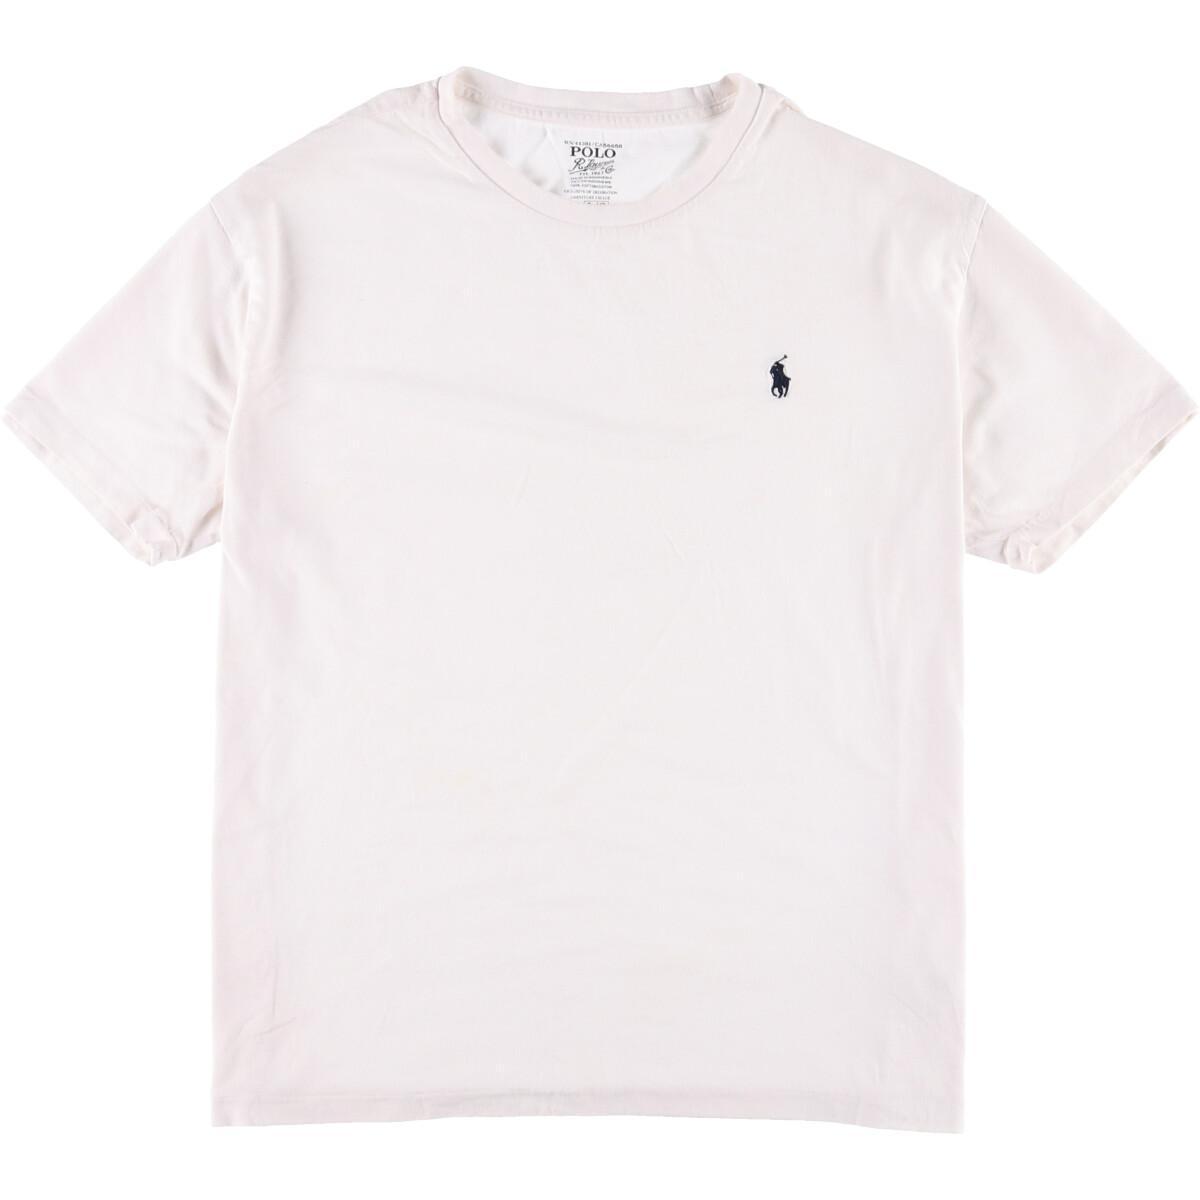 ラルフローレンTシャツ11